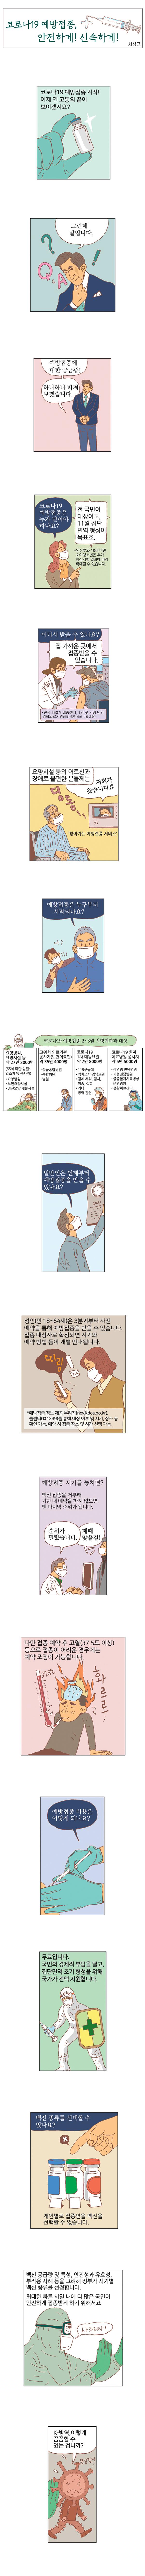 [웹툰] 코로나19 예방접종, 안전하게! 신속하게!